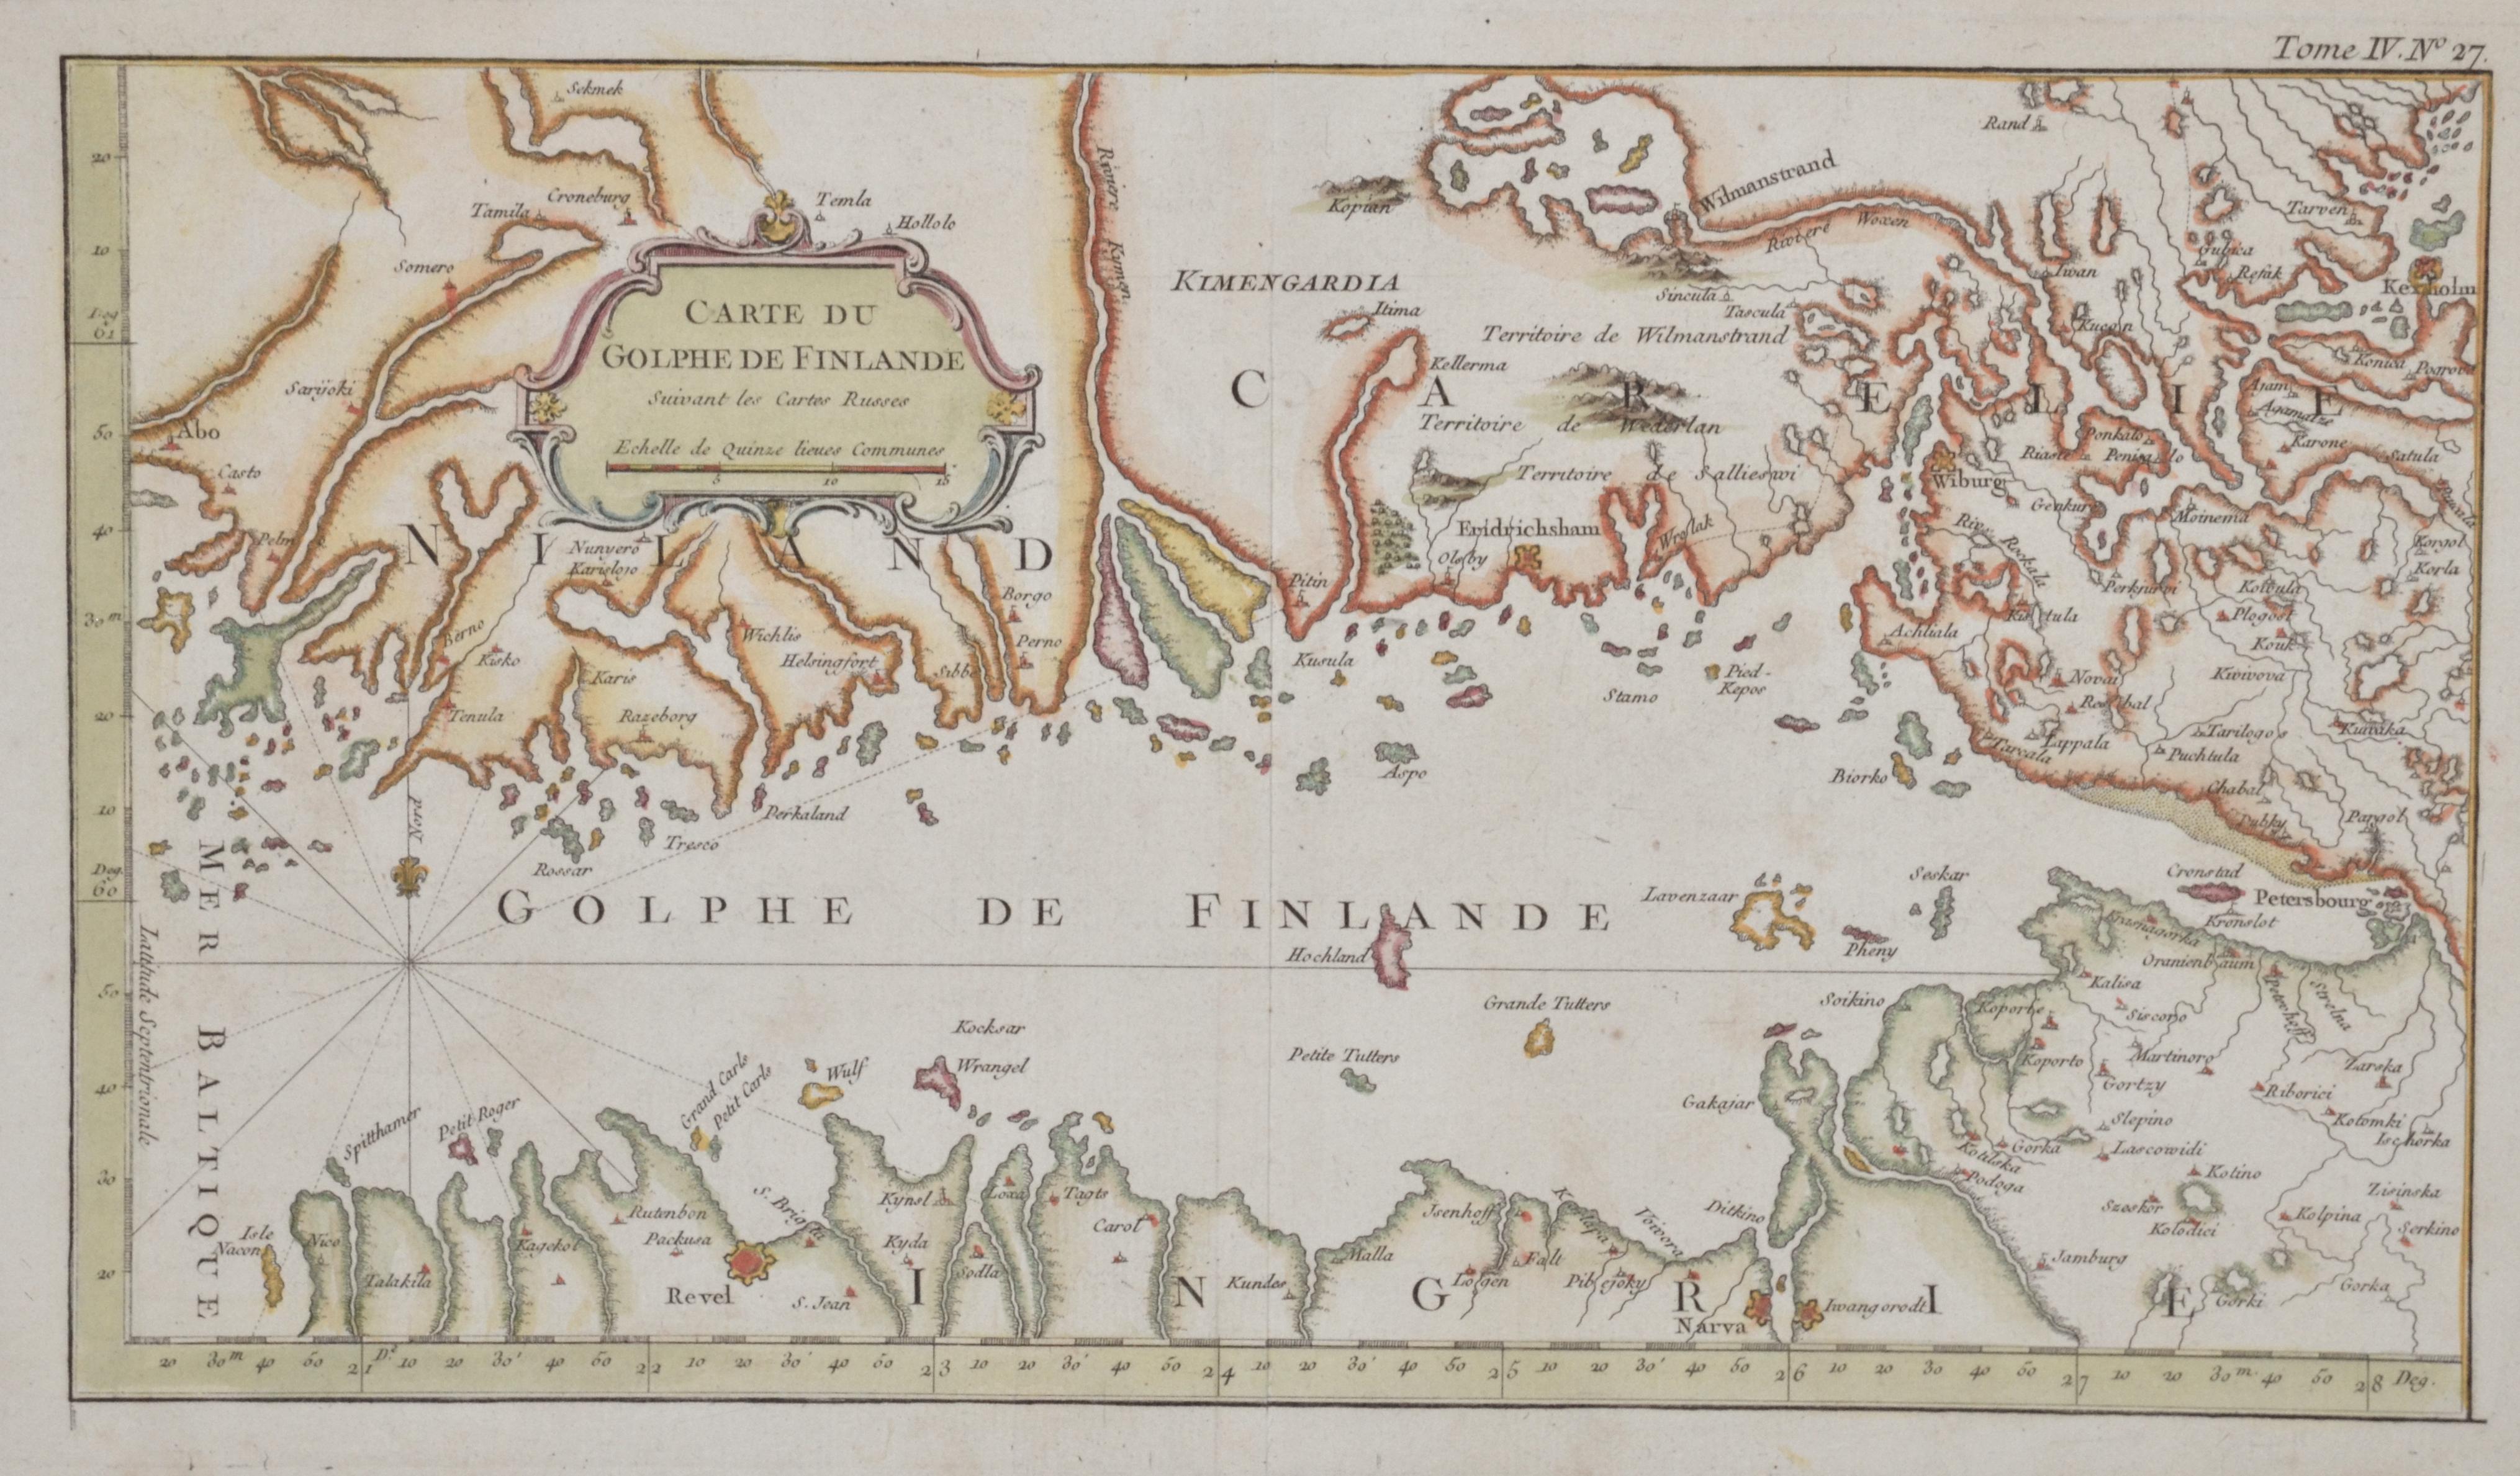 Anonymus  Carte du Golphe de Finlande